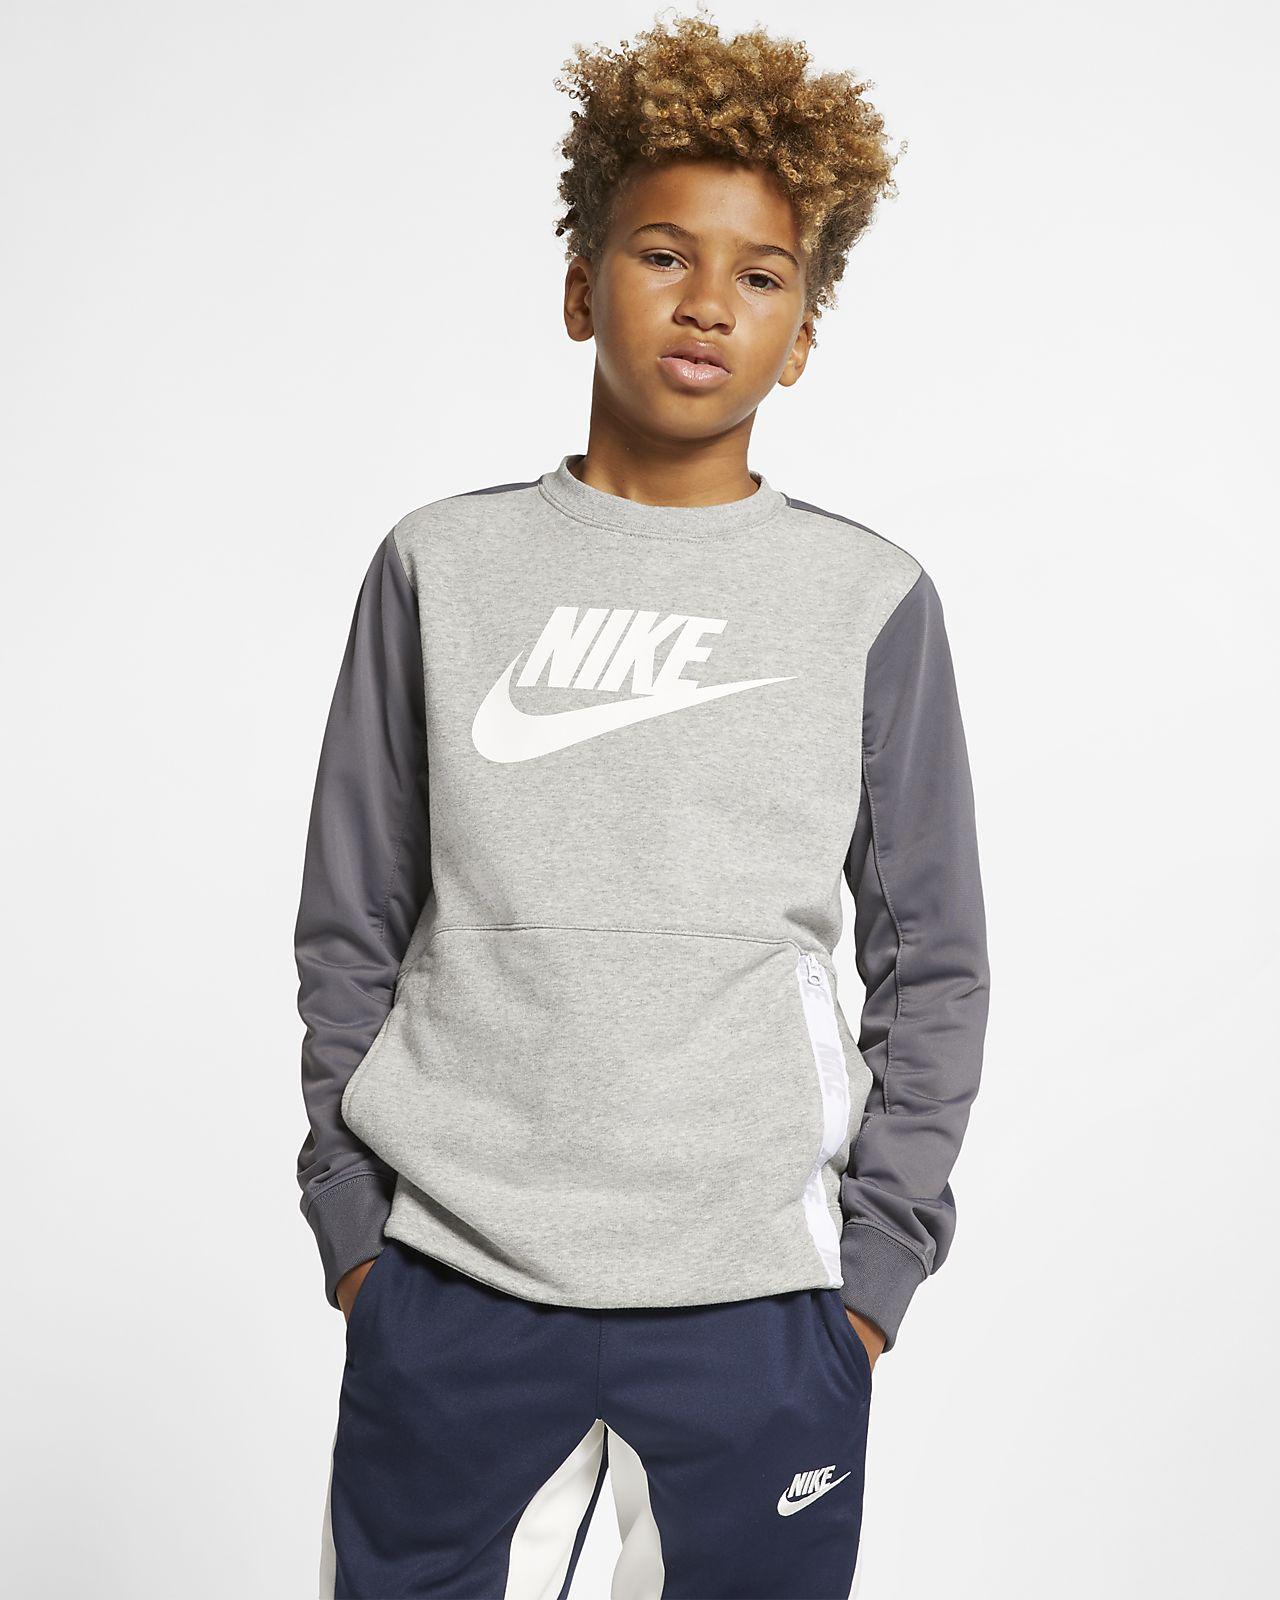 Nike Sportswear T-shirt met ronde hals voor kids